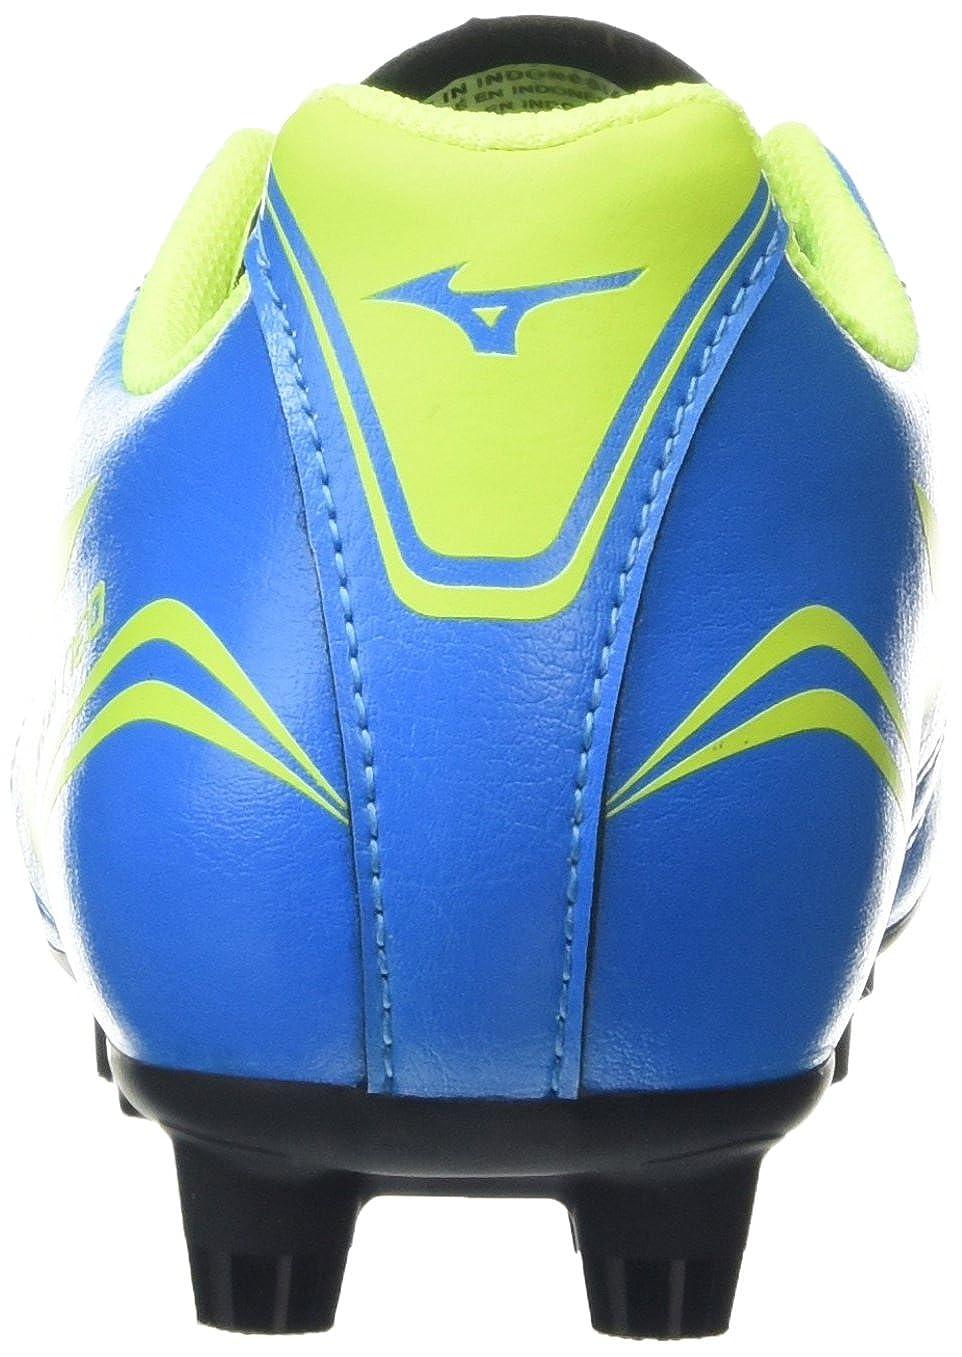 quality design 3783d 18ee3 Mizuno Unisex Kids  Morelia Neo Cl Jr. Md , Botas de Fútbol Unisex Niños   Amazon.es  Zapatos y complementos